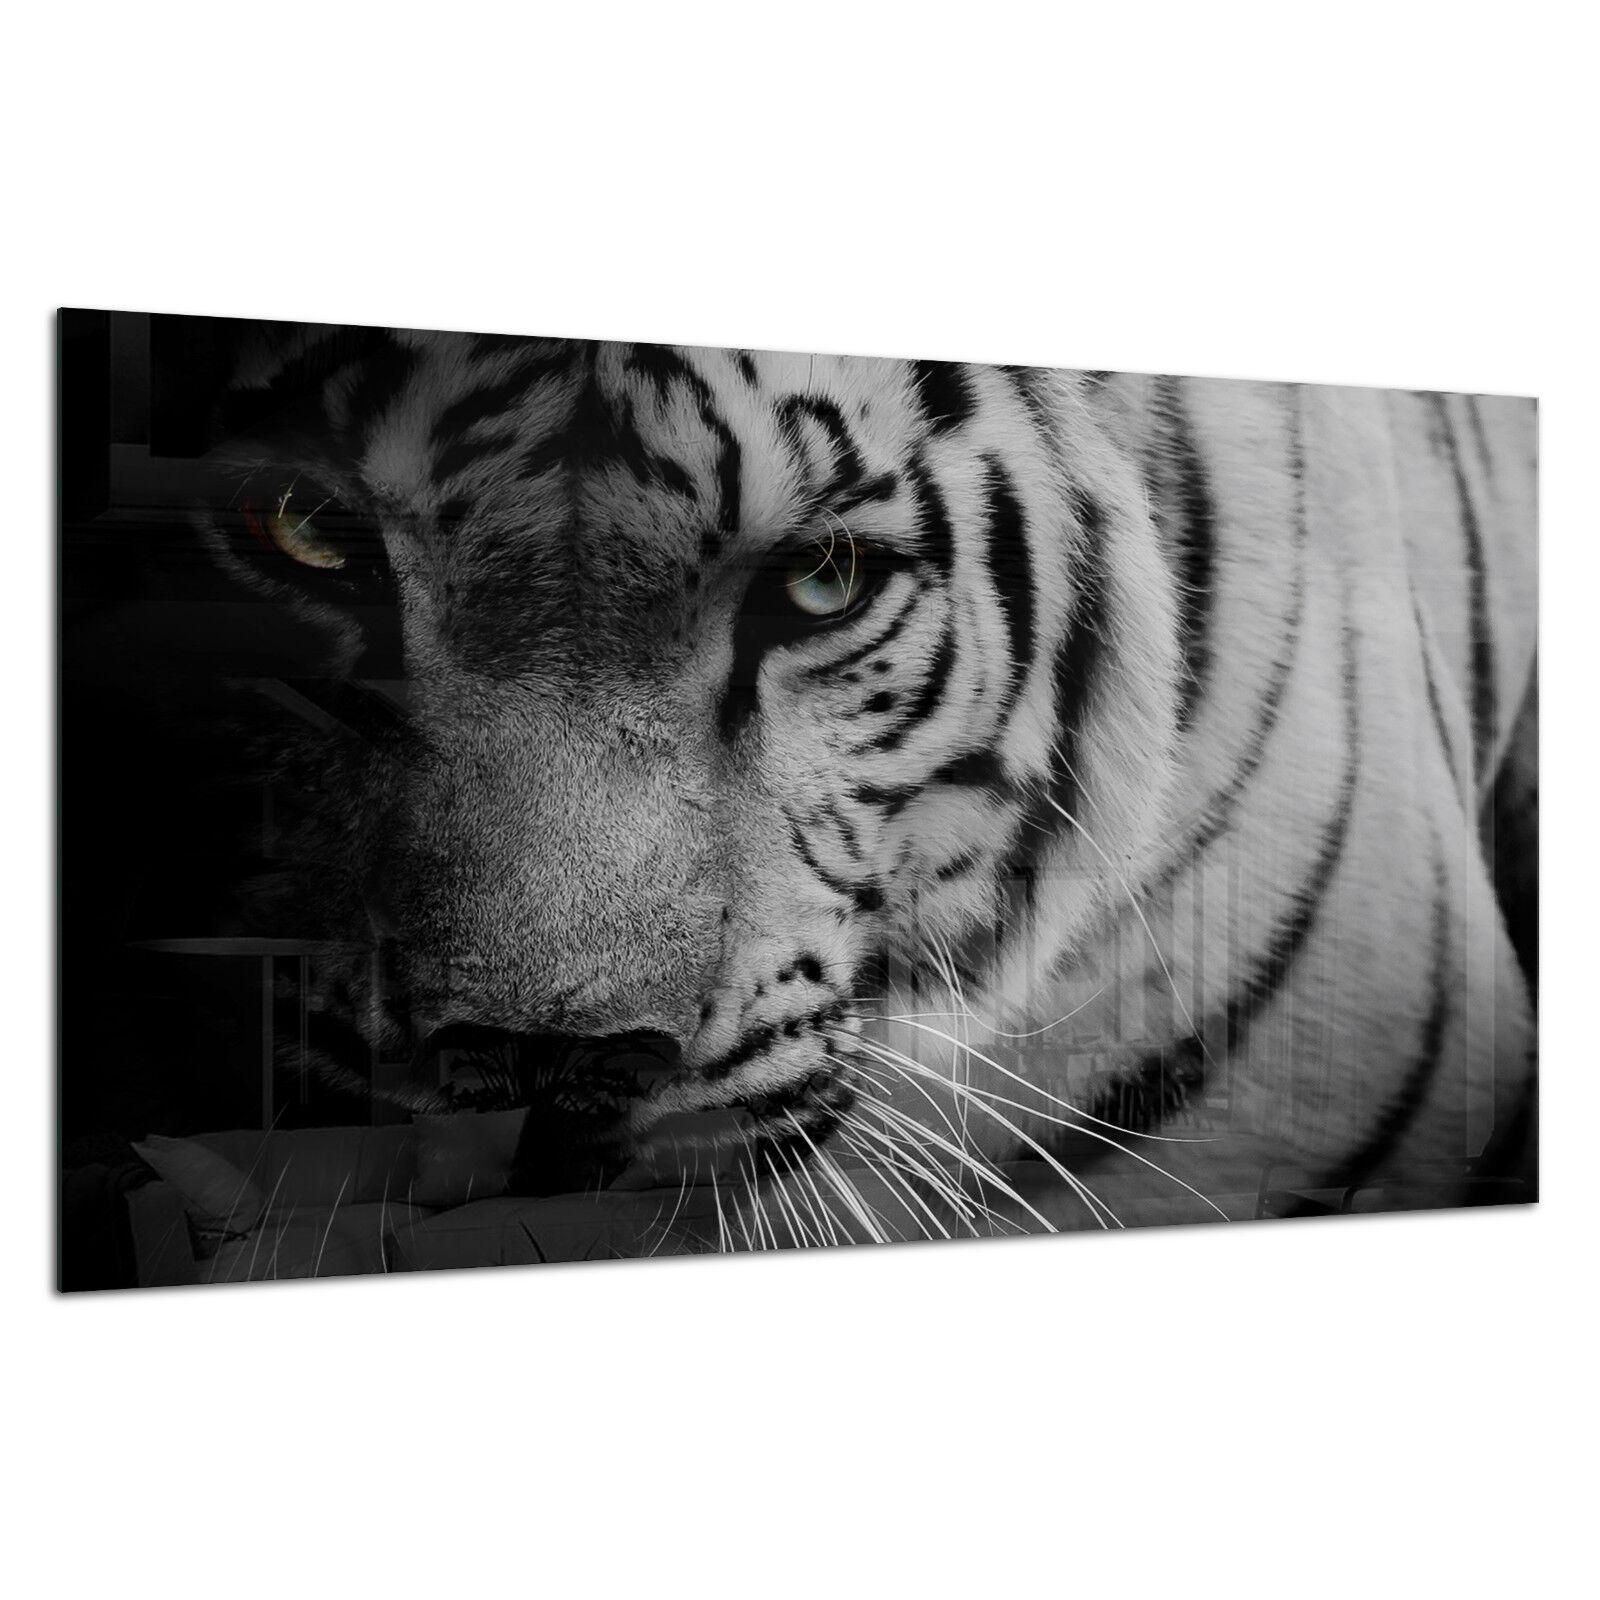 Tempered Glass Photo Print Wall Art Picture B&W Tiger Wild Dark Prizma GWA0343